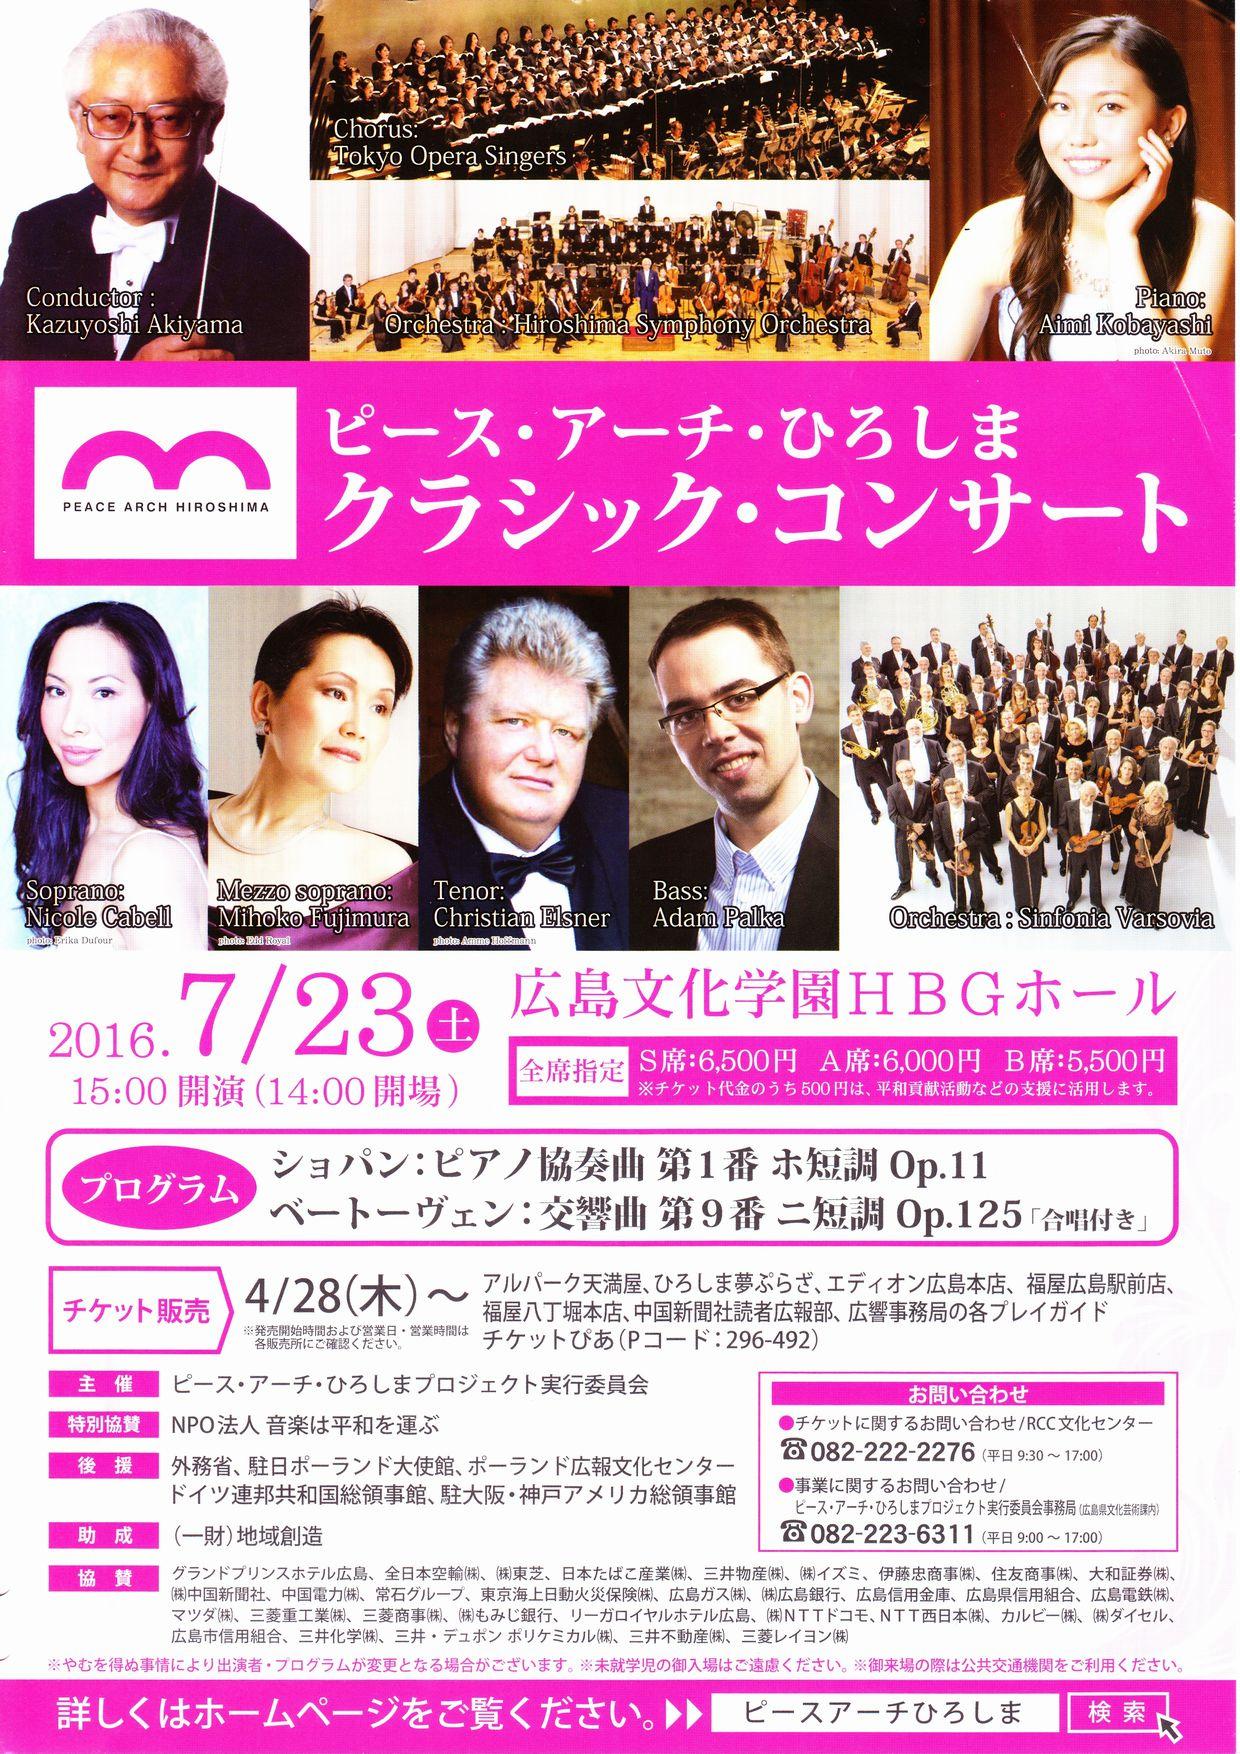 ピース・アーチ・ひろしま クラシック・コンサート